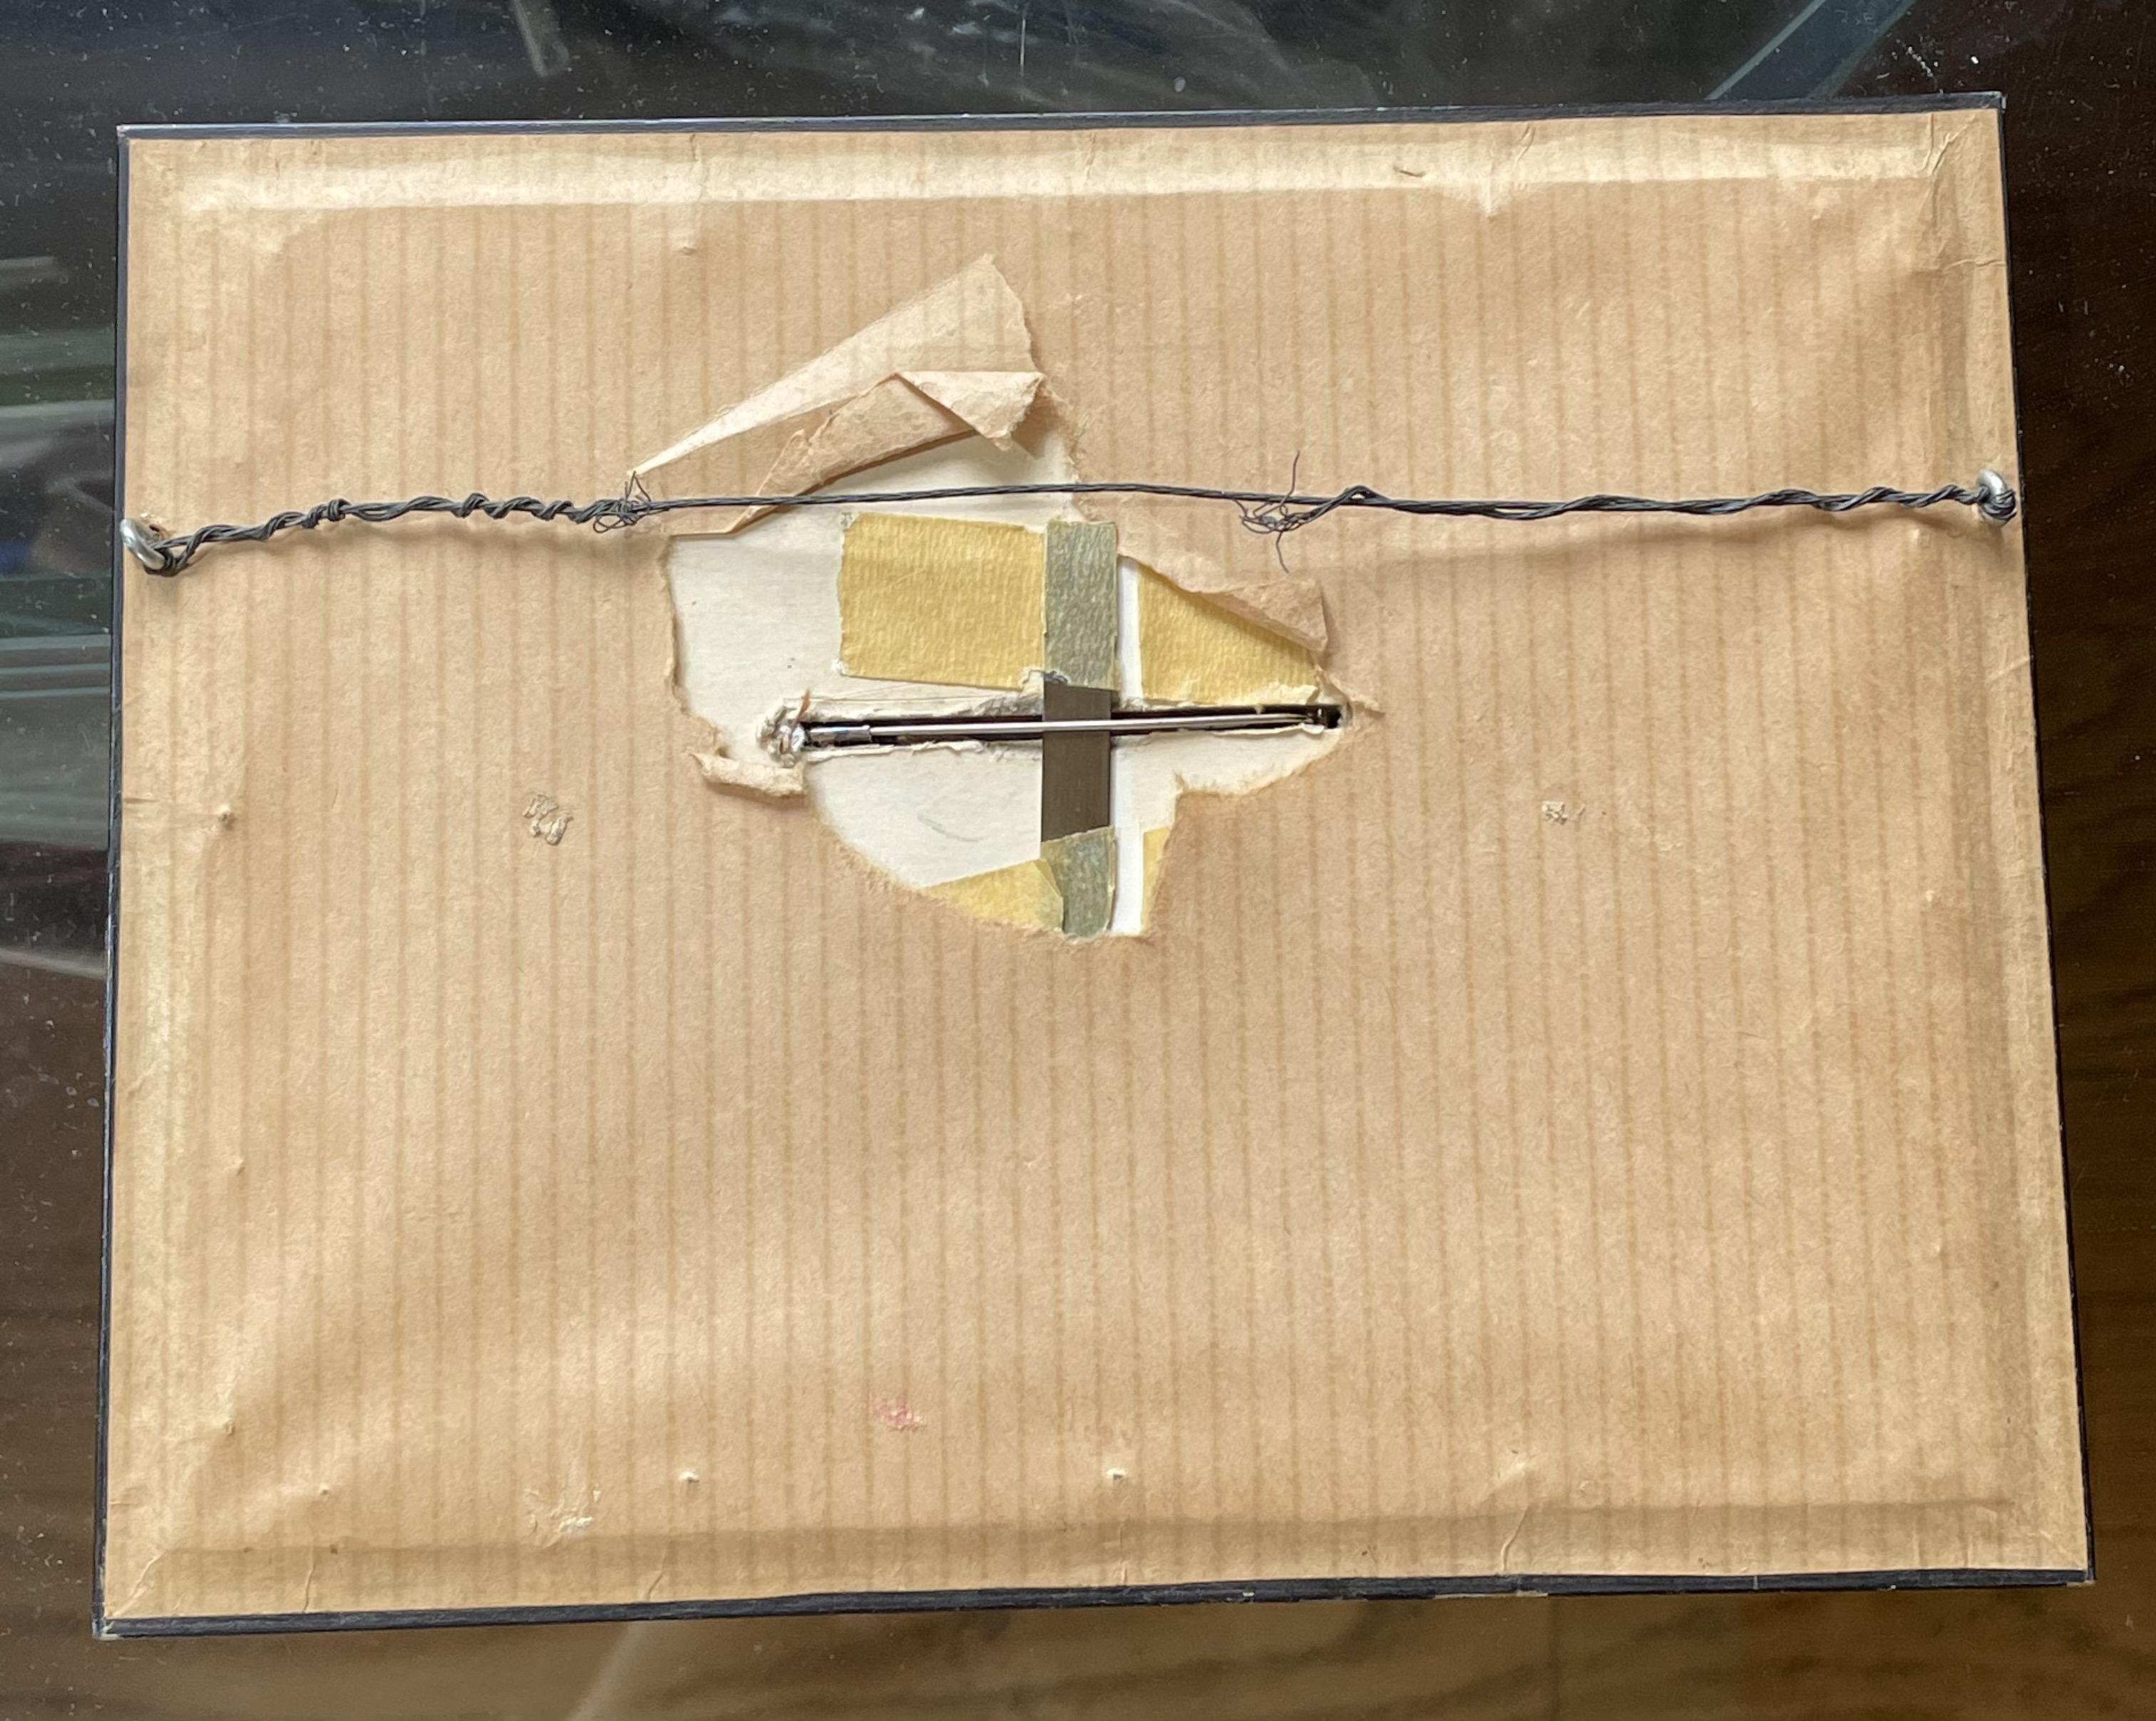 Karel Niehorster, lijst voor broche, 1970, achterzijde. Collectie World Jewellery Museum. Foto World Jewellery Museum